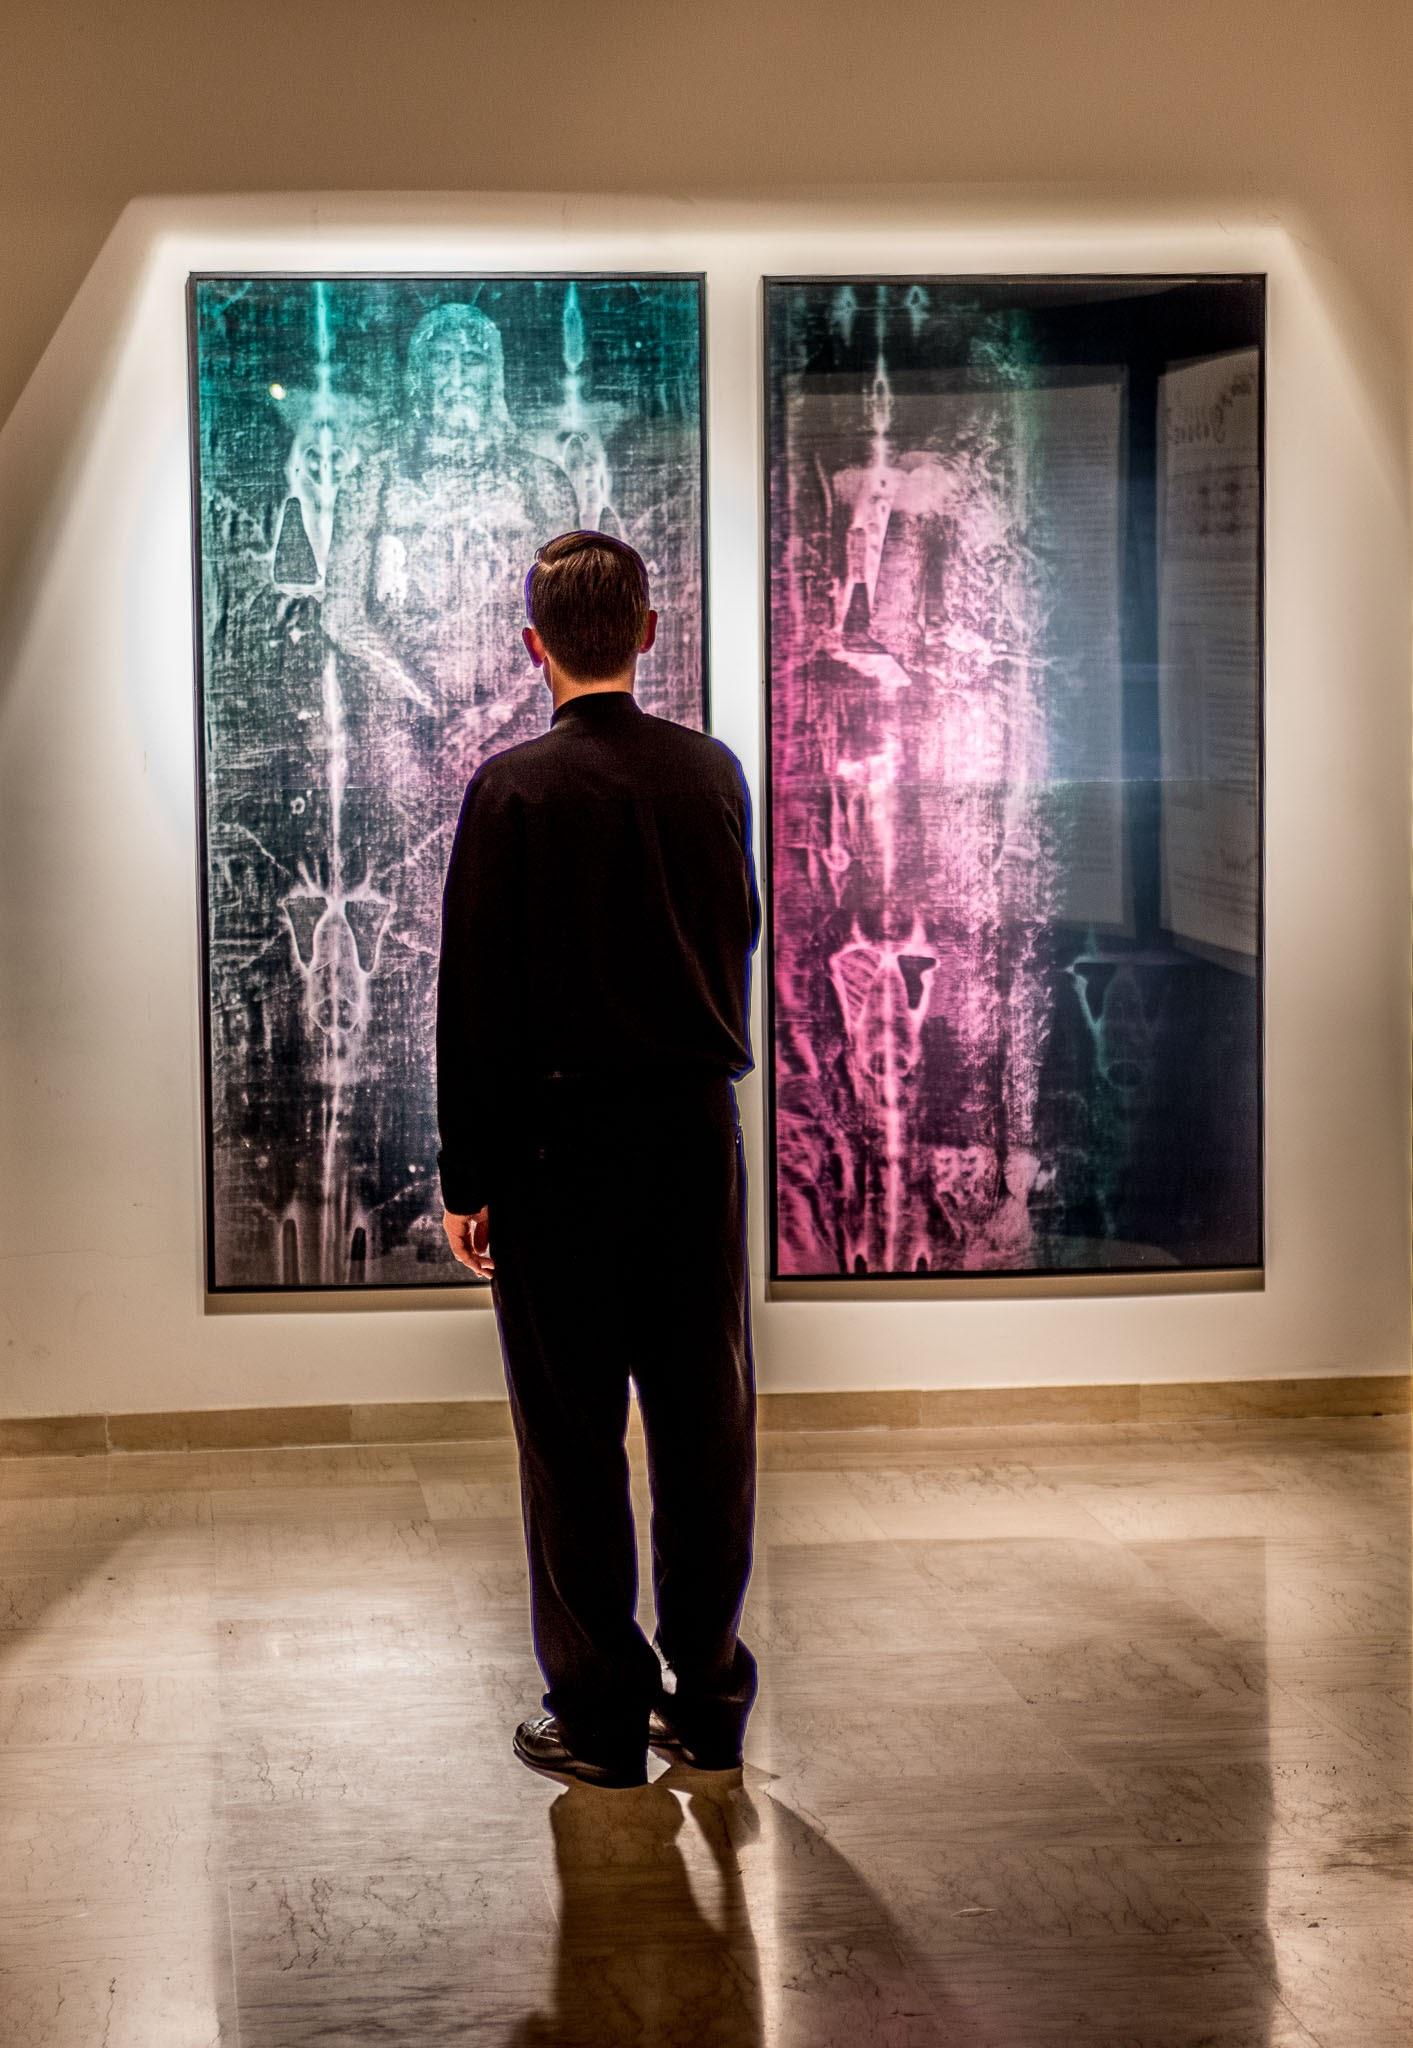 Hologram in exposition in Regina Apostolorum, Rome